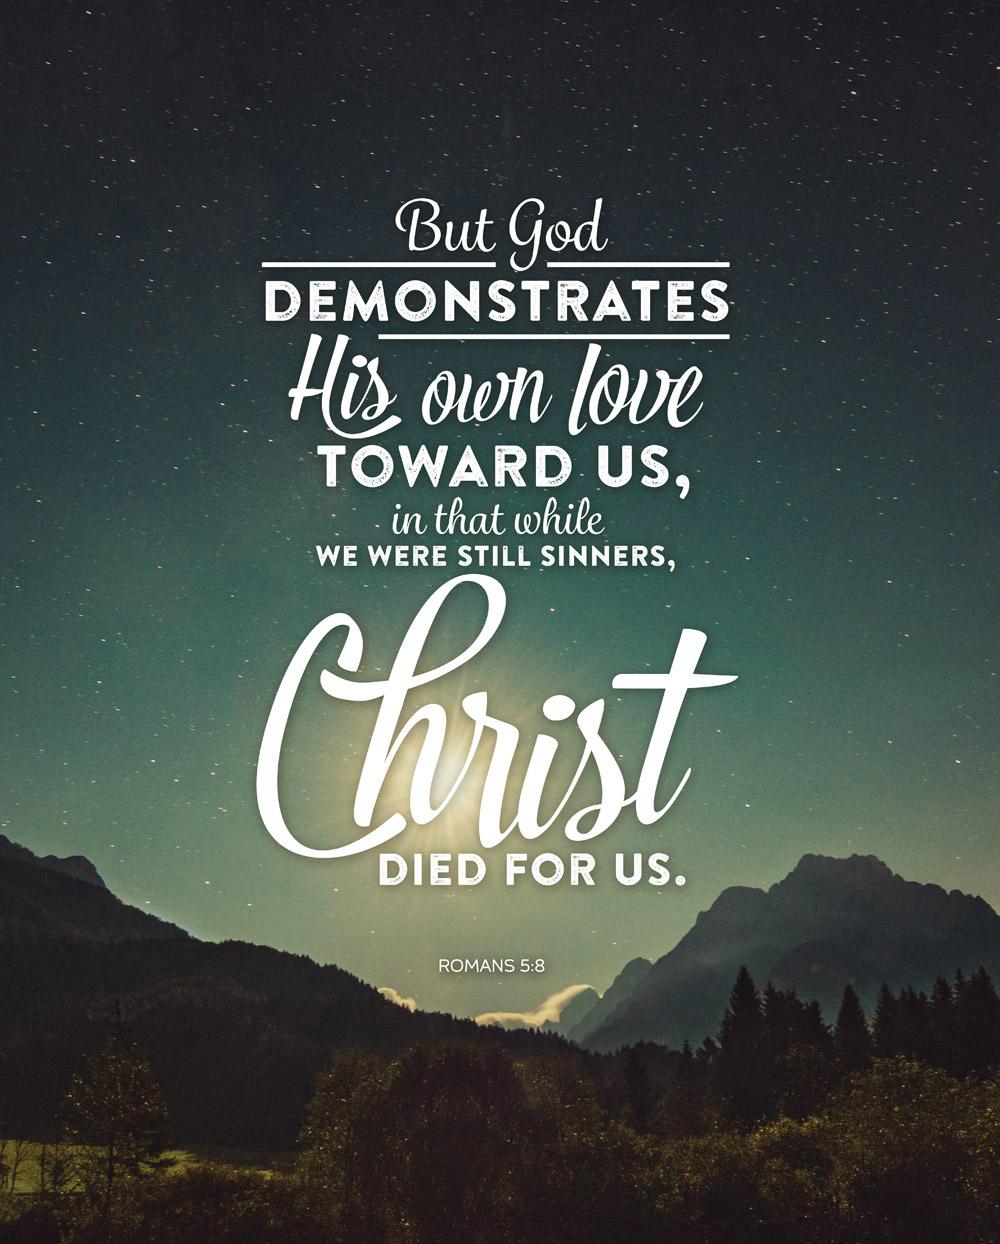 2_FEB Gottes Versprechen – Bibelverse zur Ermutigung | New Creation TV